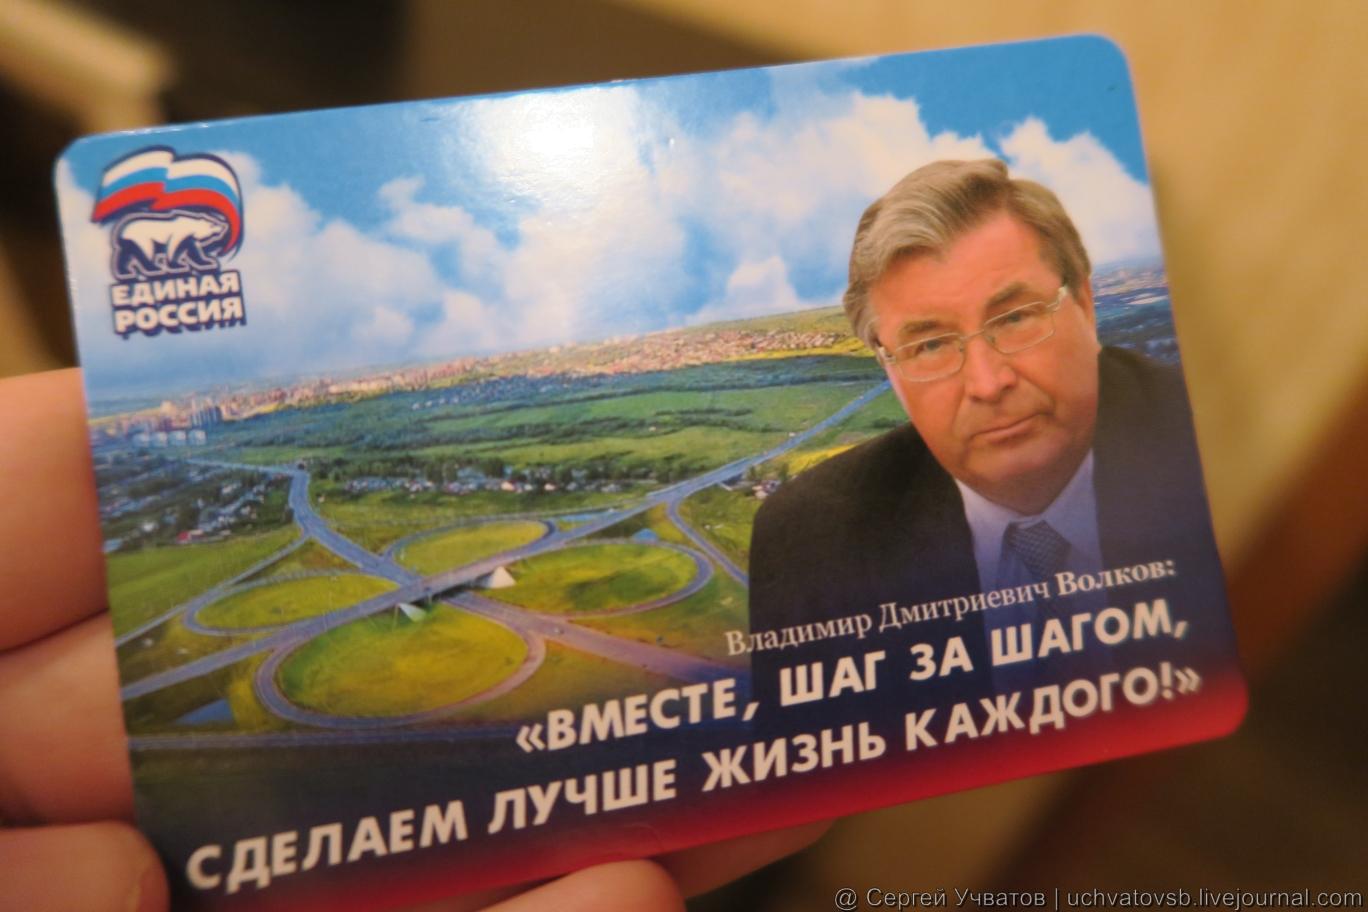 Тут Вам не Москва. Как я в губернаторы региона с 90% за Ядро ходил.